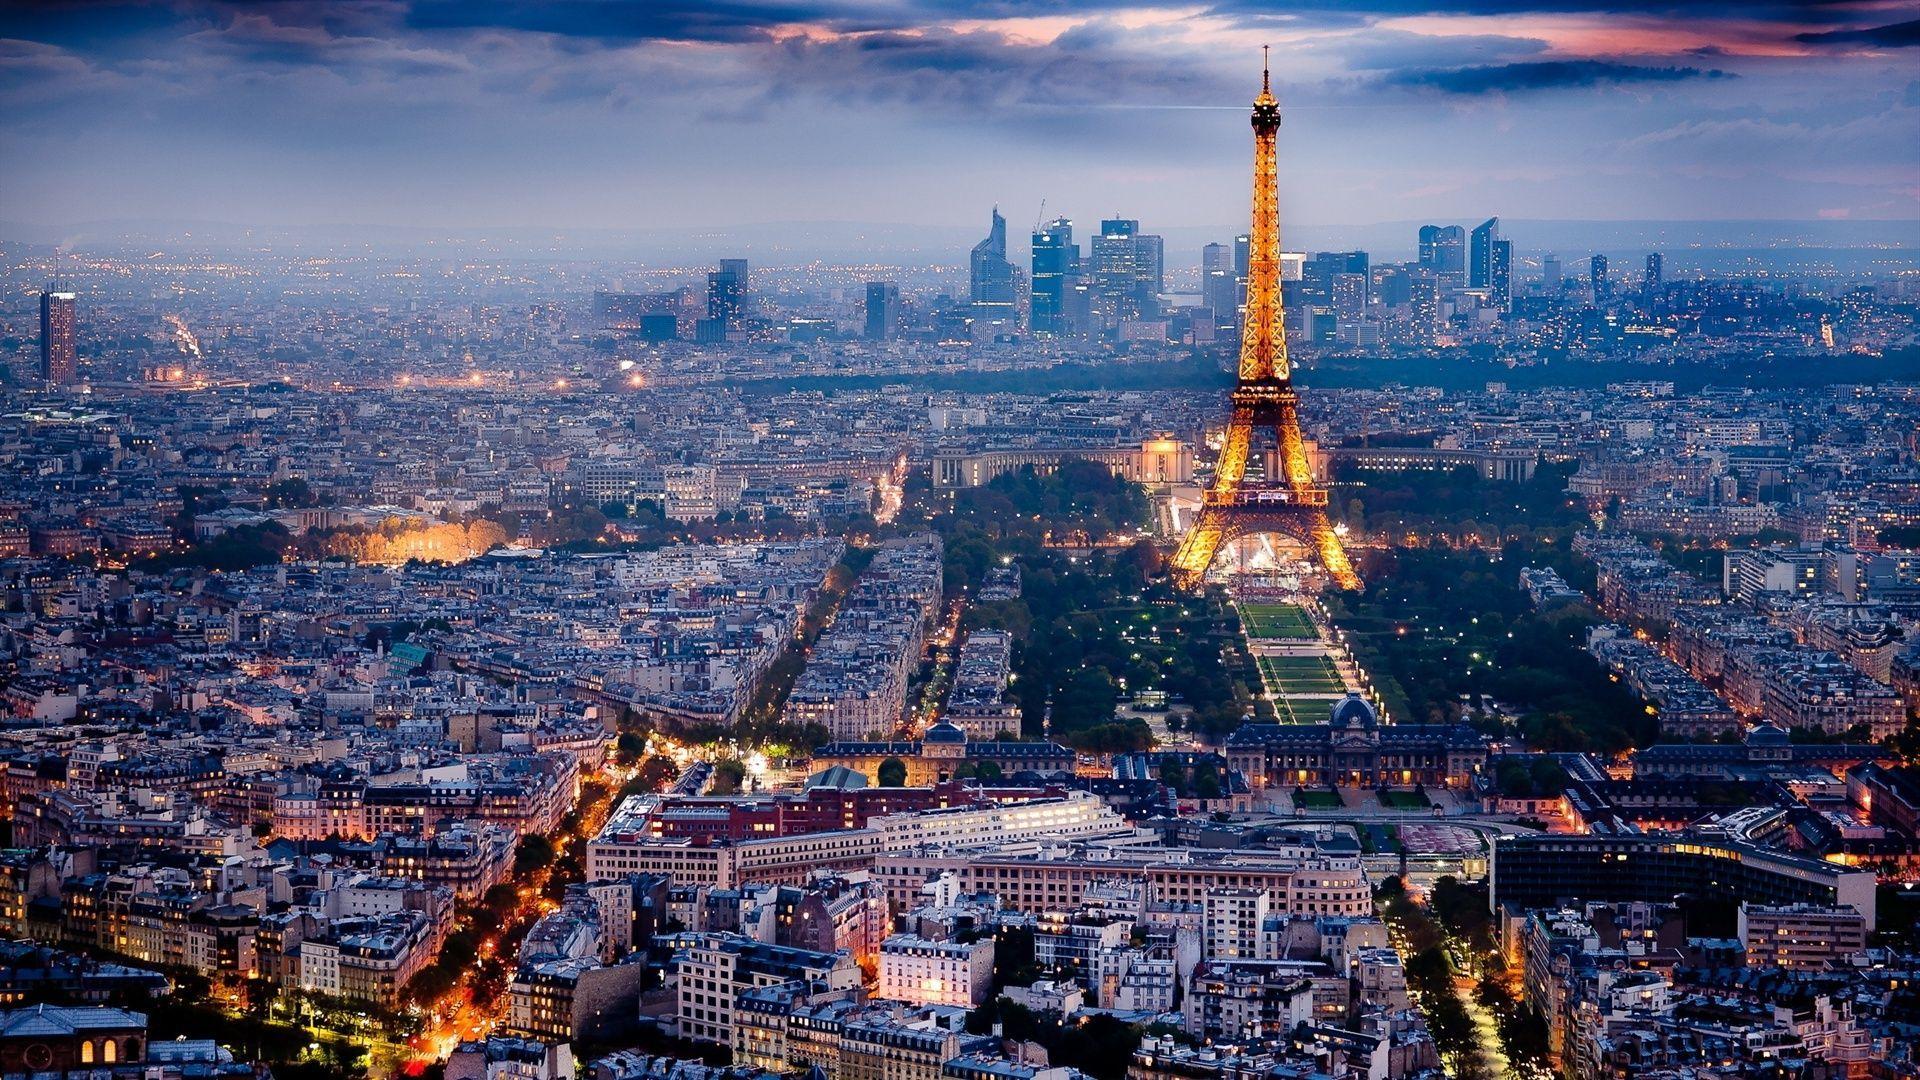 Paris City Wallpapers   Top Paris City Backgrounds 1920x1080